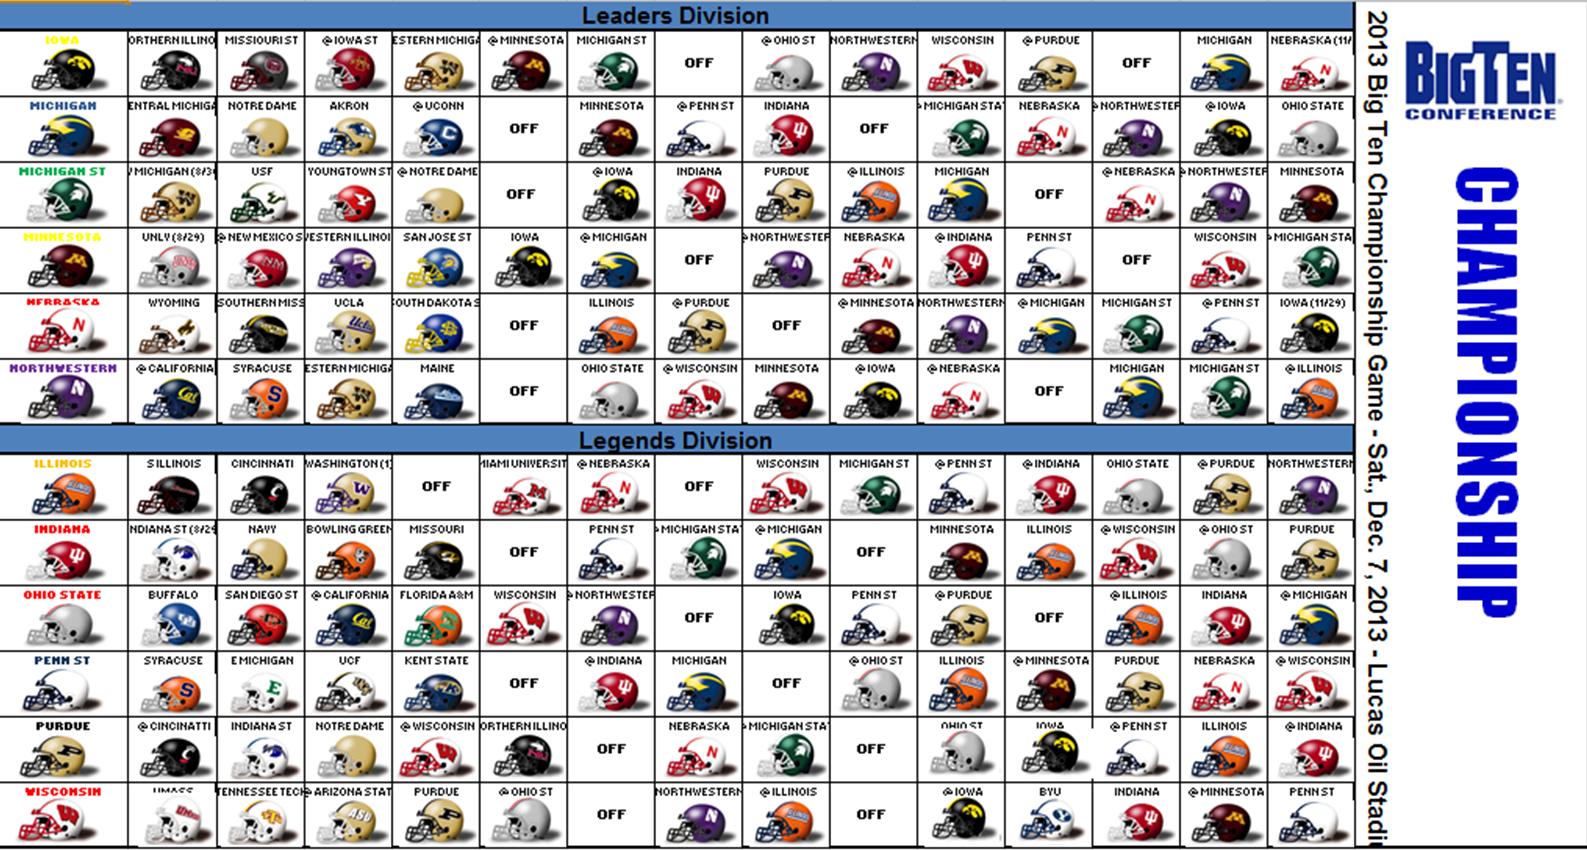 Bowl Schedule 2017 18 >> Excel Spreadsheets Help: 2013 NCAA College Football Helmet Schedule Spreadsheet